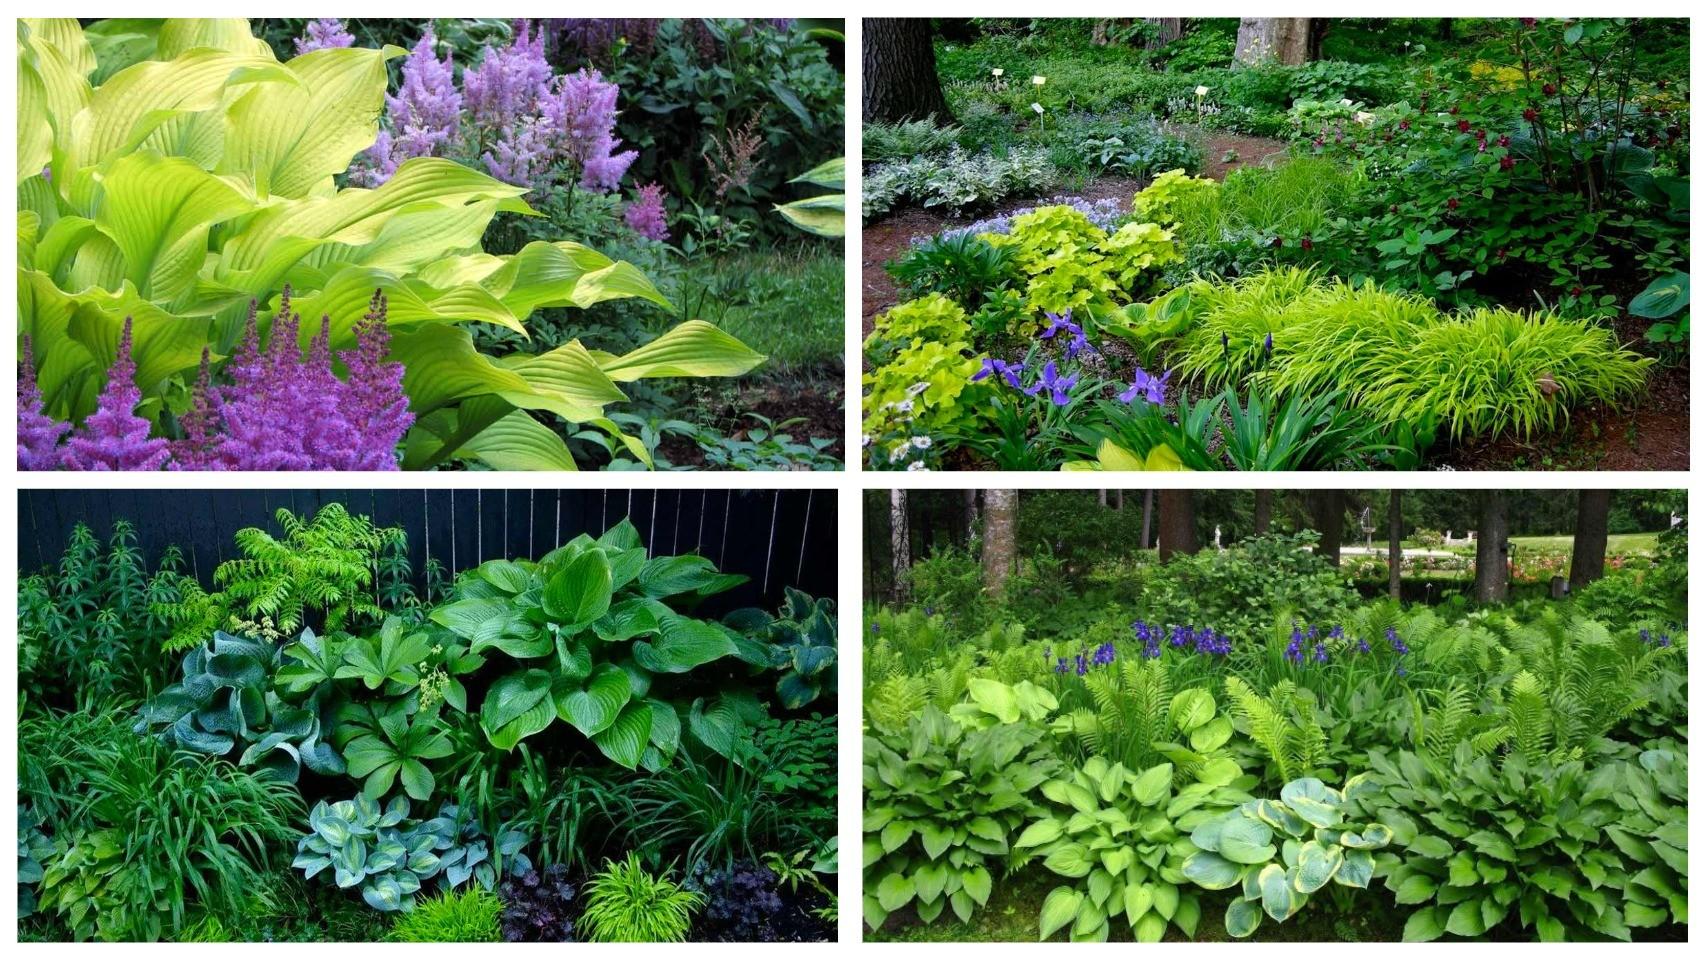 фото теневые места для растений